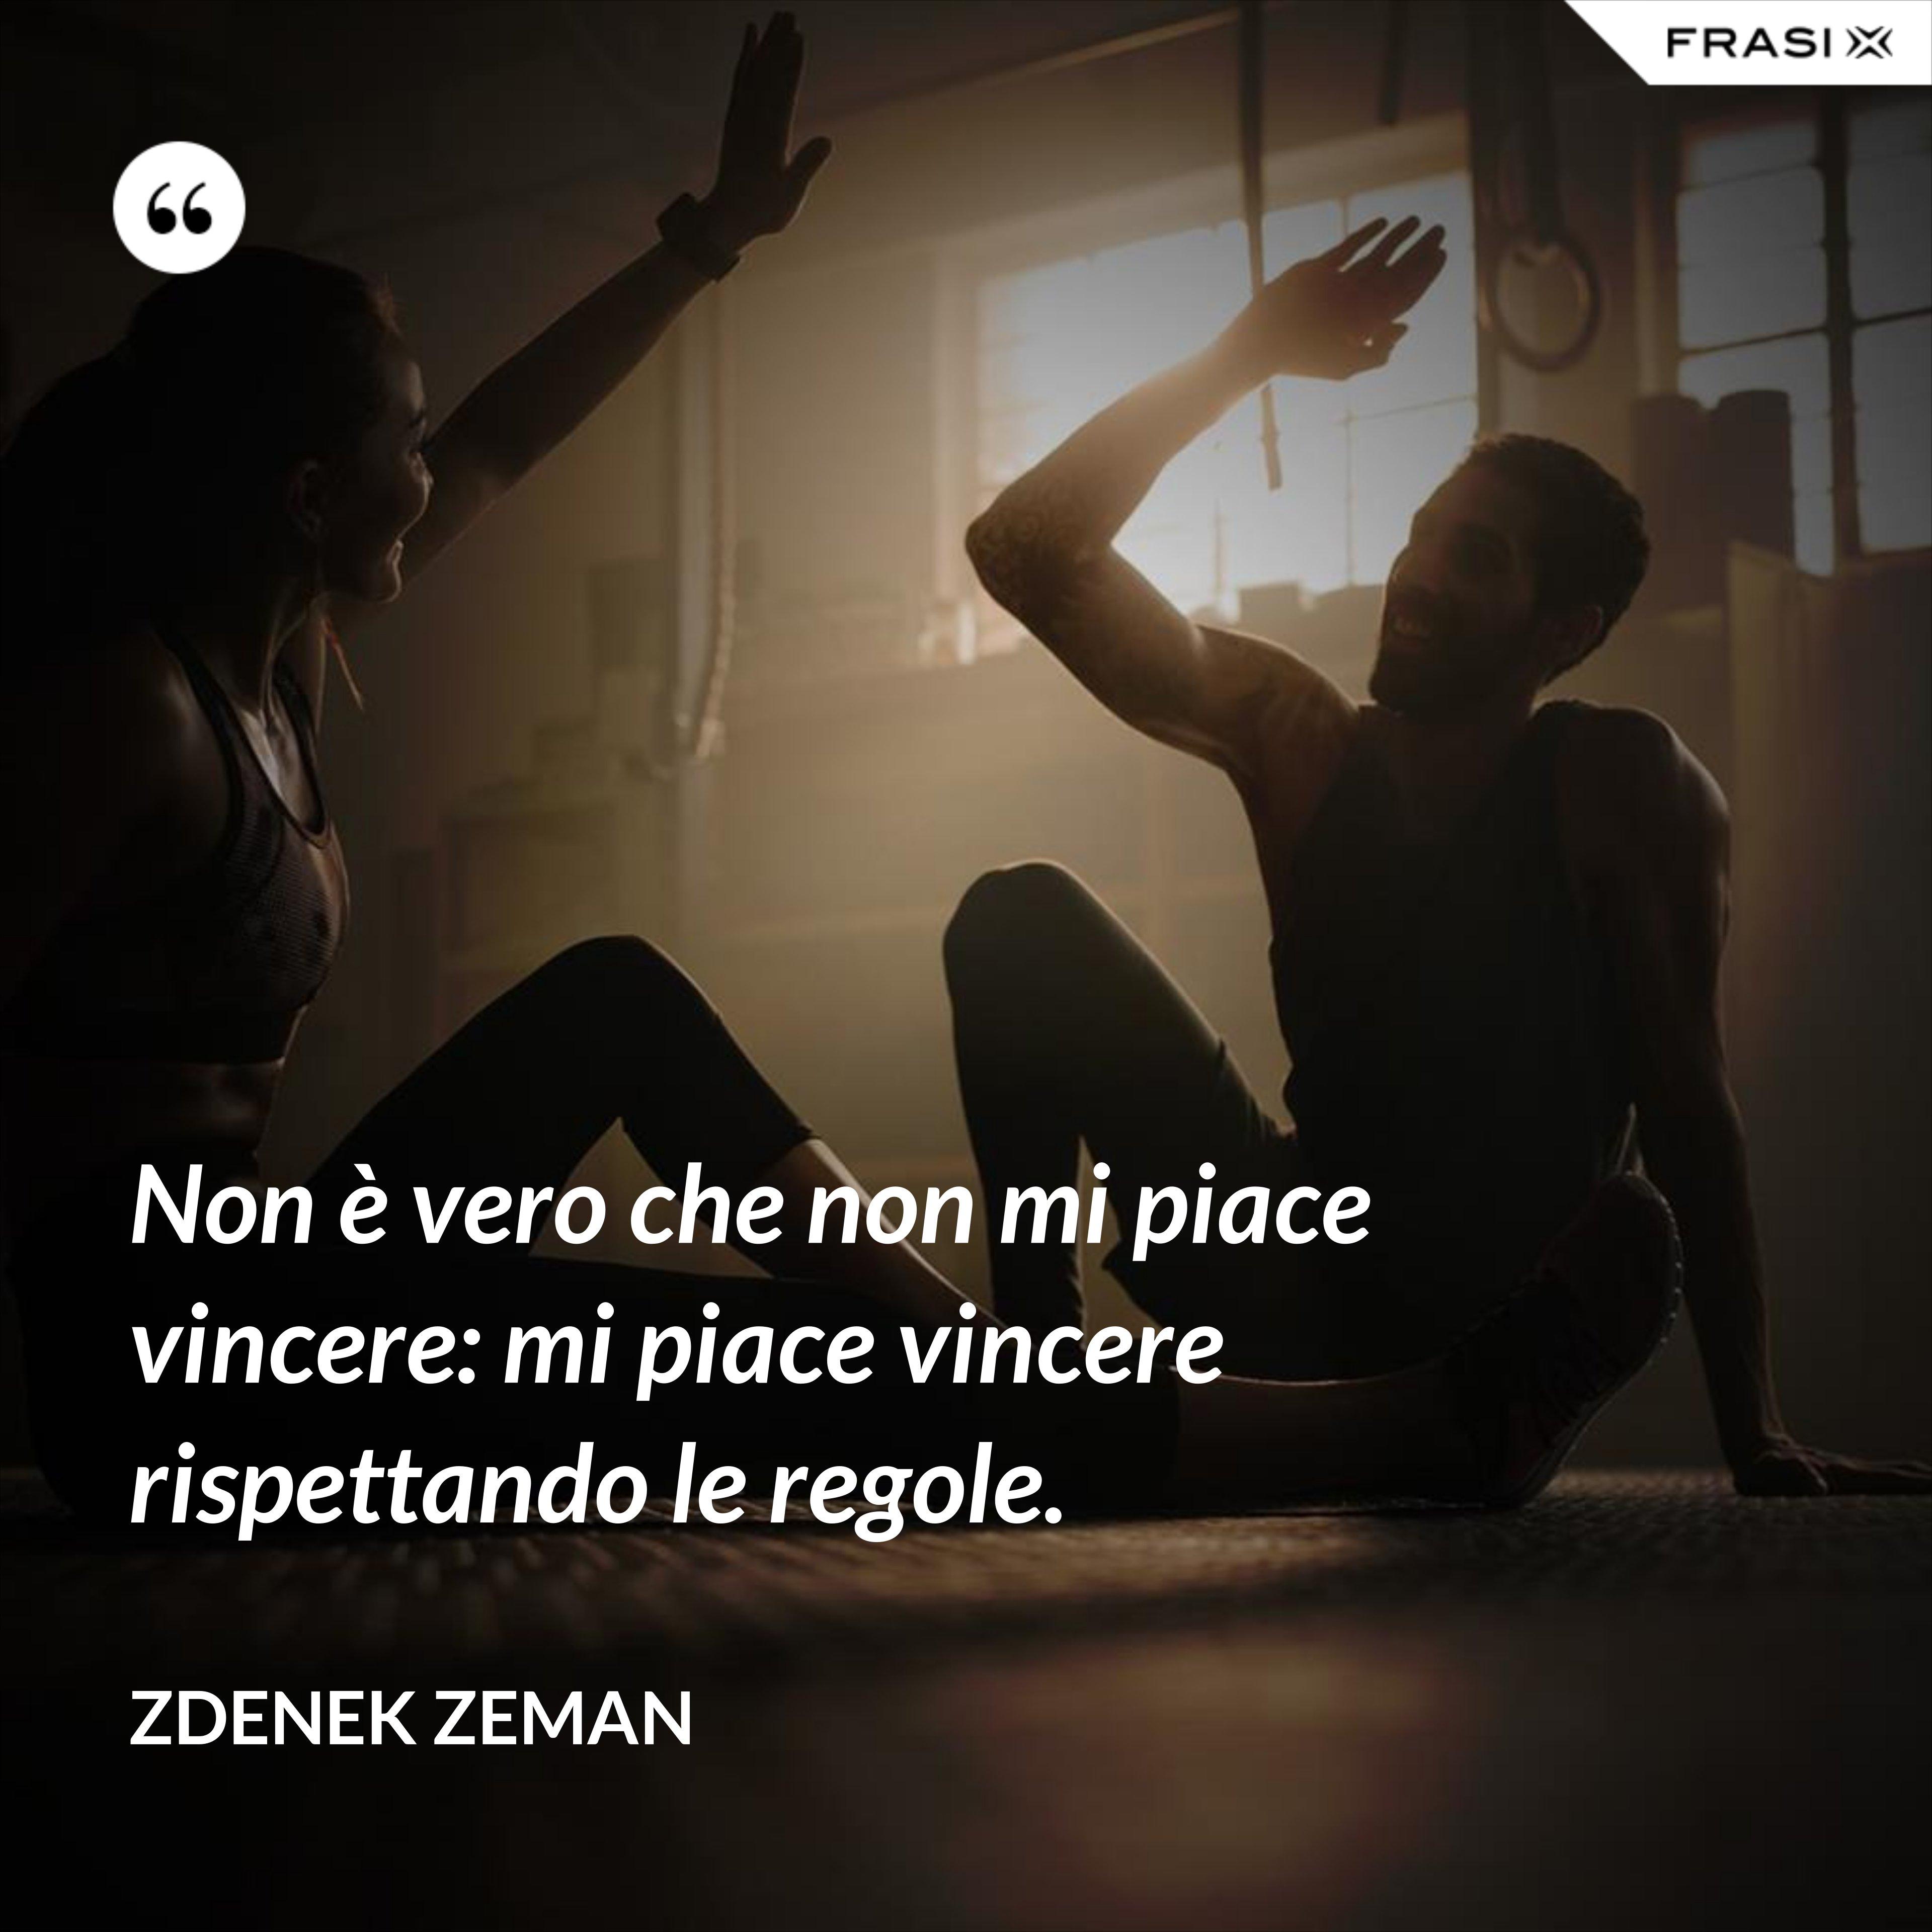 Non è vero che non mi piace vincere: mi piace vincere rispettando le regole. - Zdenek Zeman